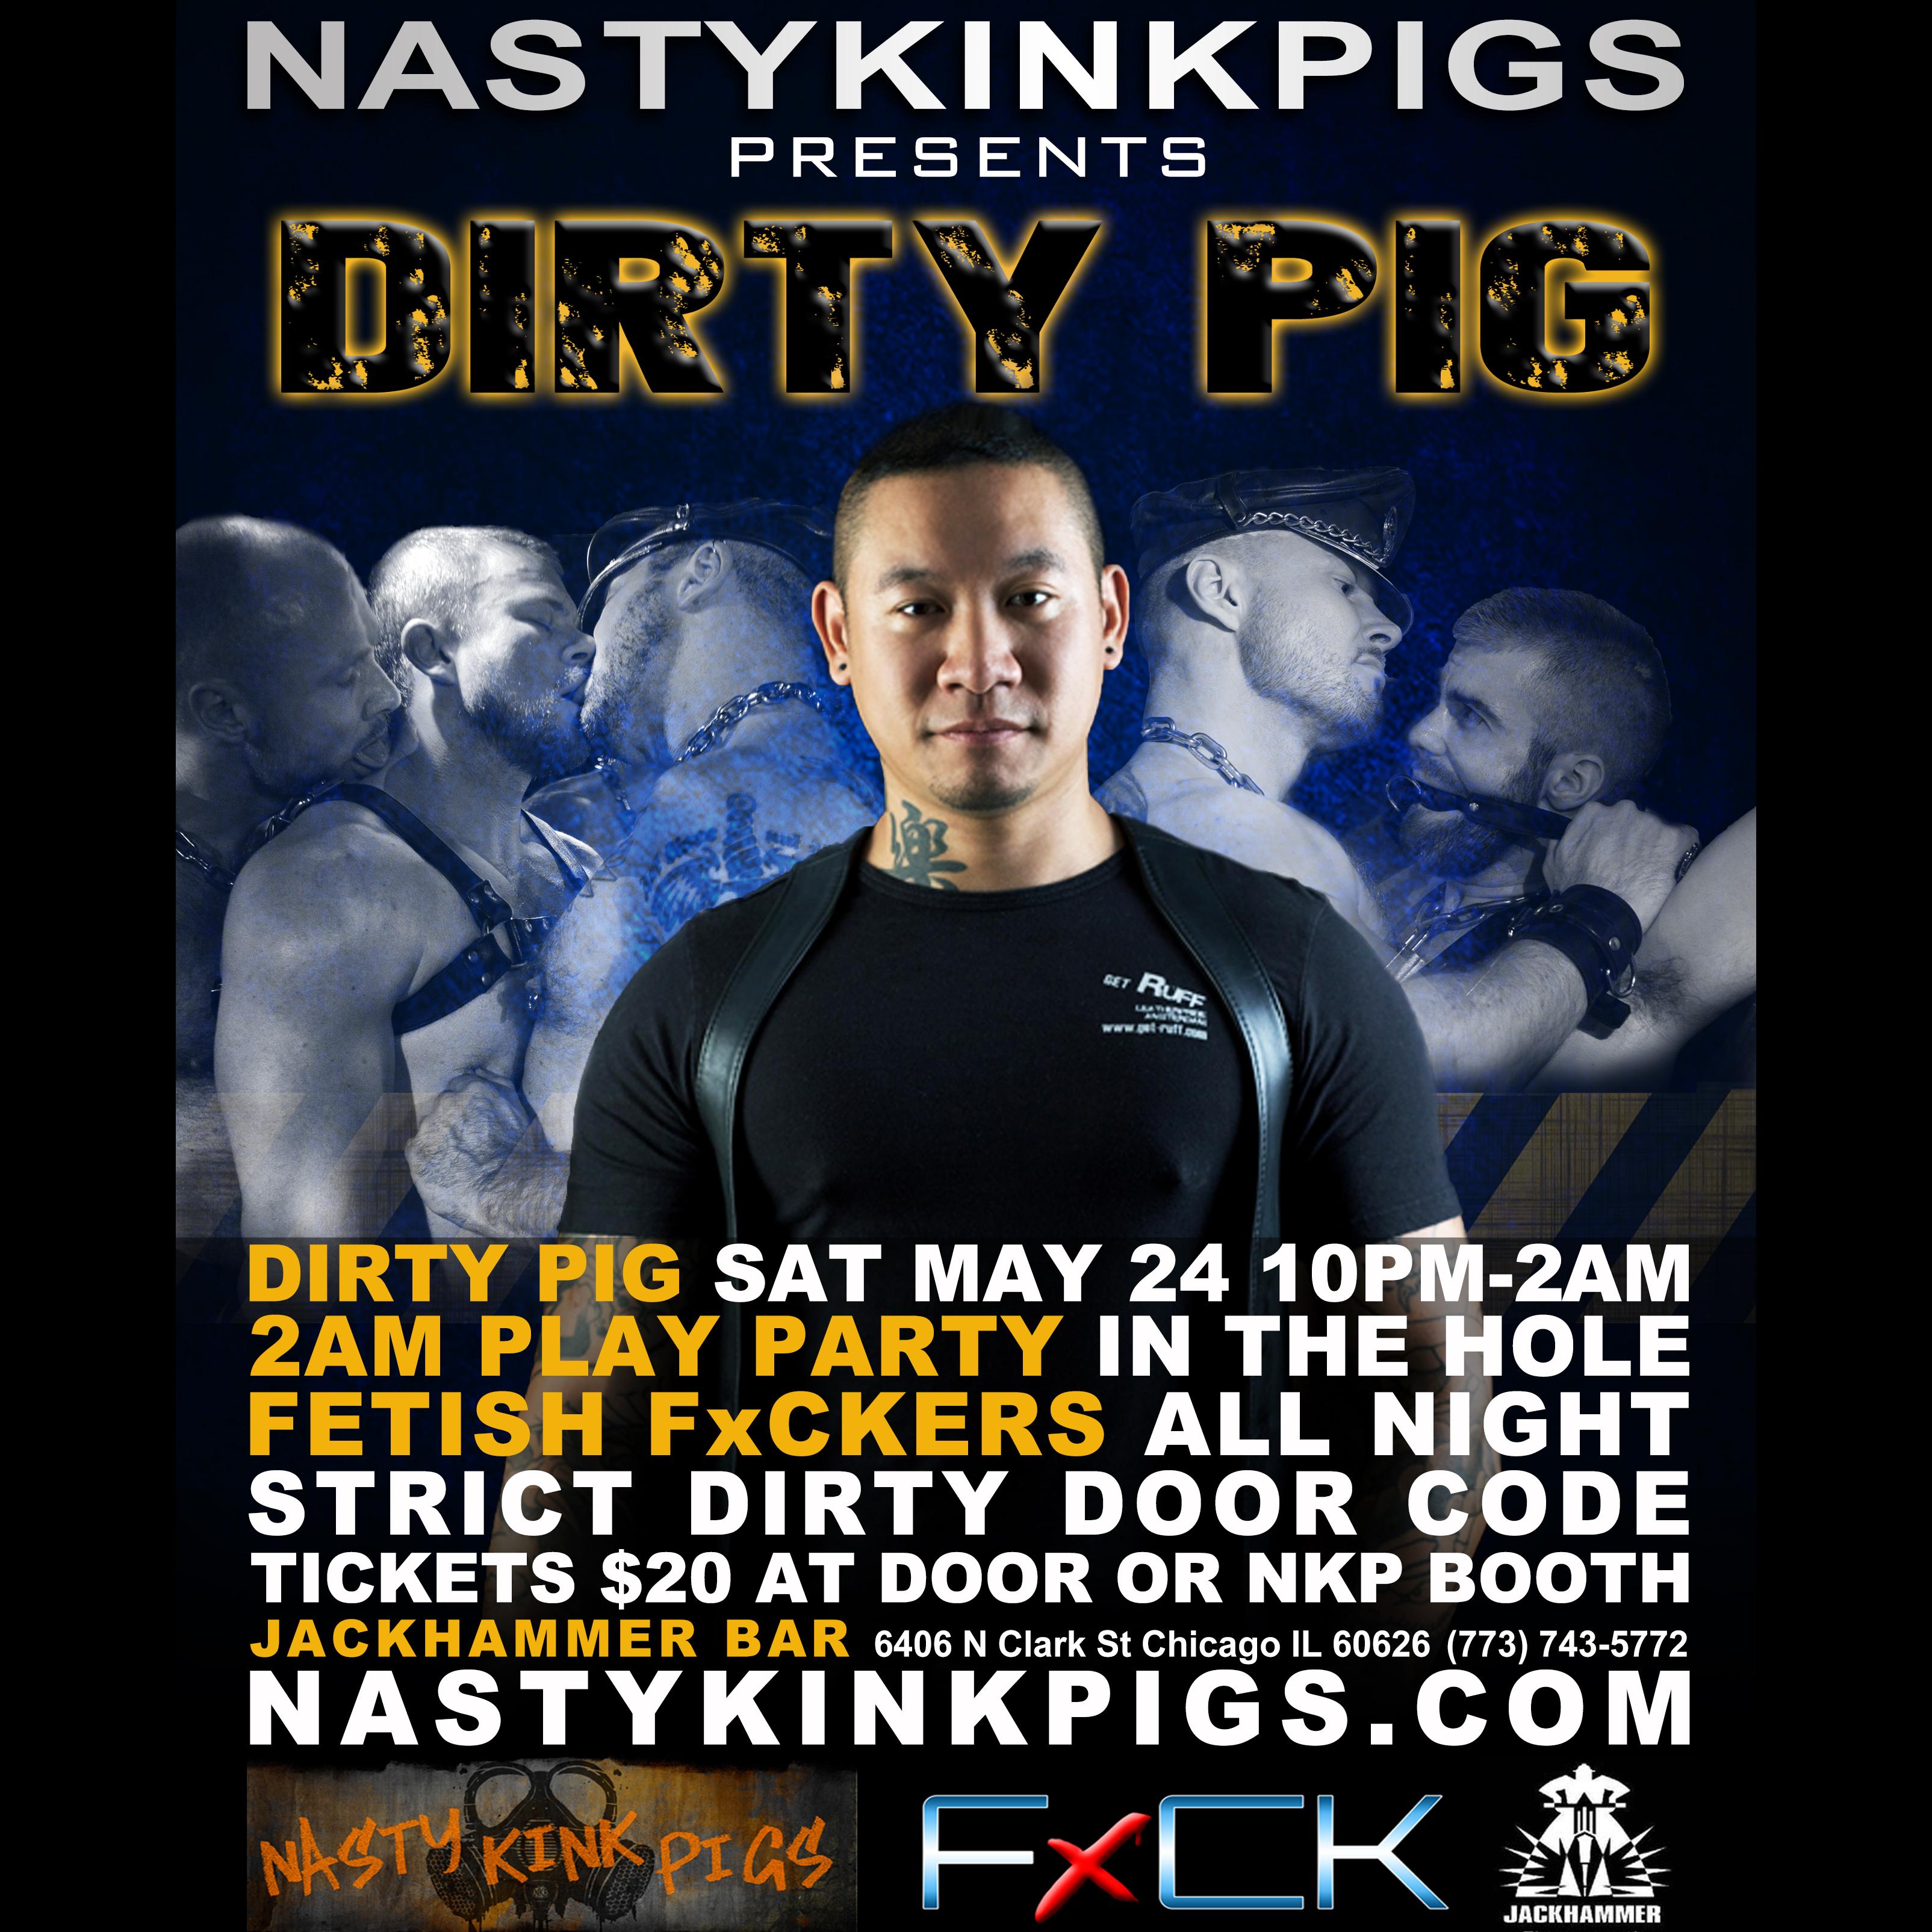 Nasty kink pig